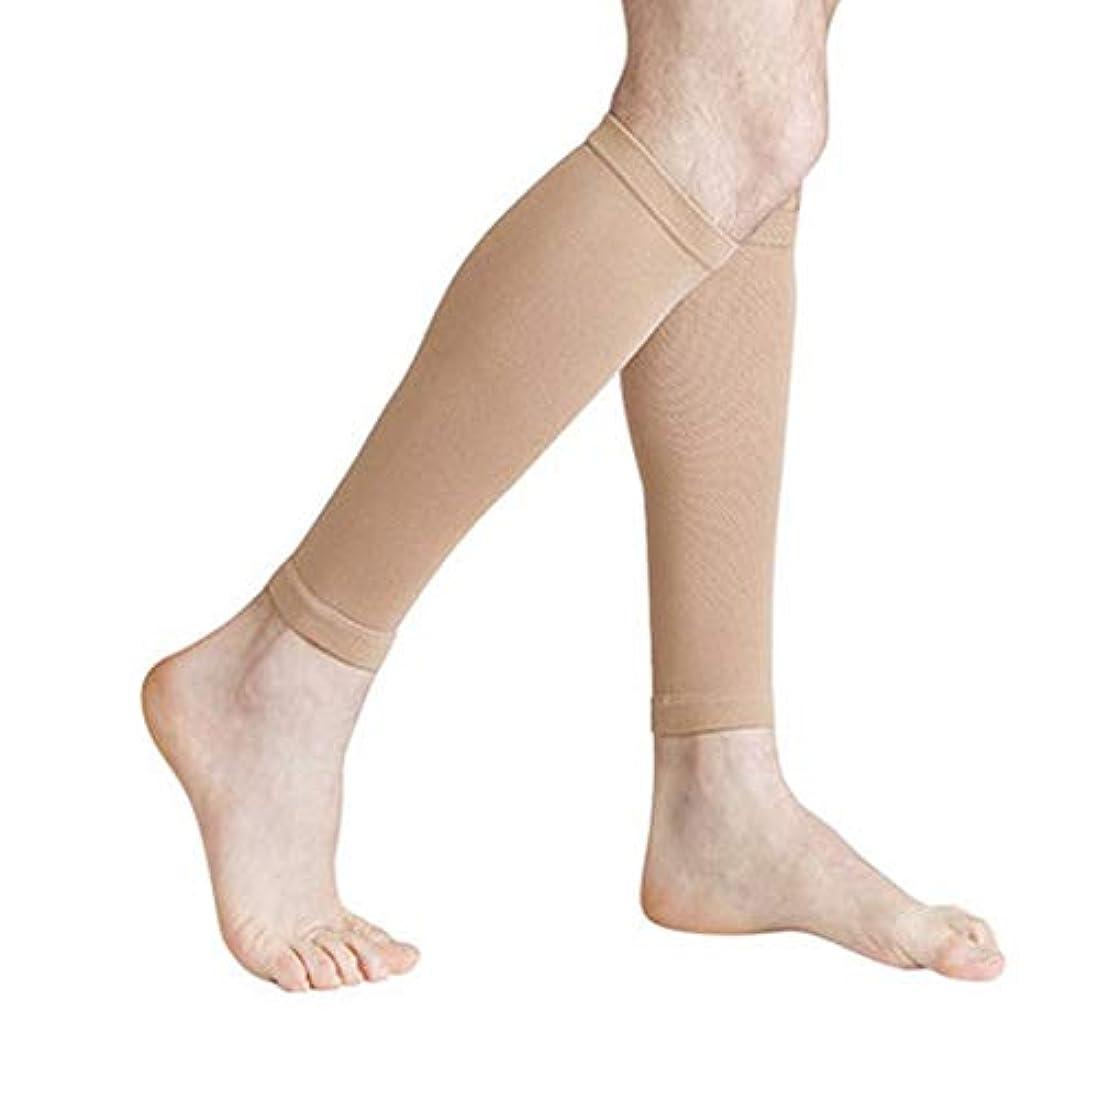 制裁教育者第五丈夫な男性女性プロの圧縮靴下通気性のある旅行活動看護師用シントスプリントフライトトラベル - 肌色